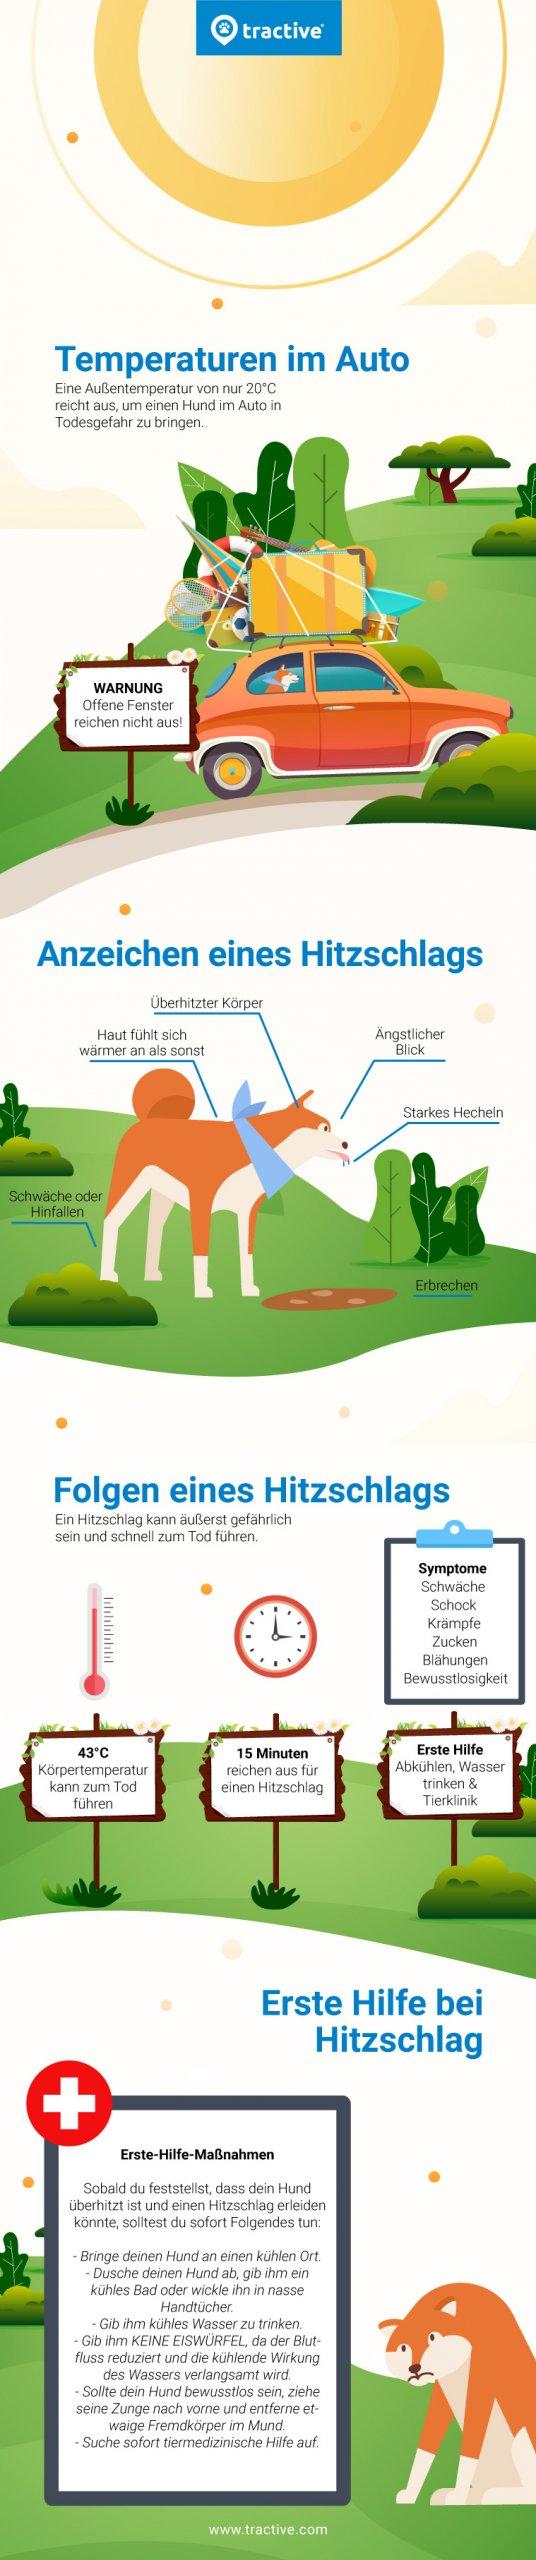 Infografik für Ursachen, Symptome und Maßnahmen bei Hitzschlag beim Hund